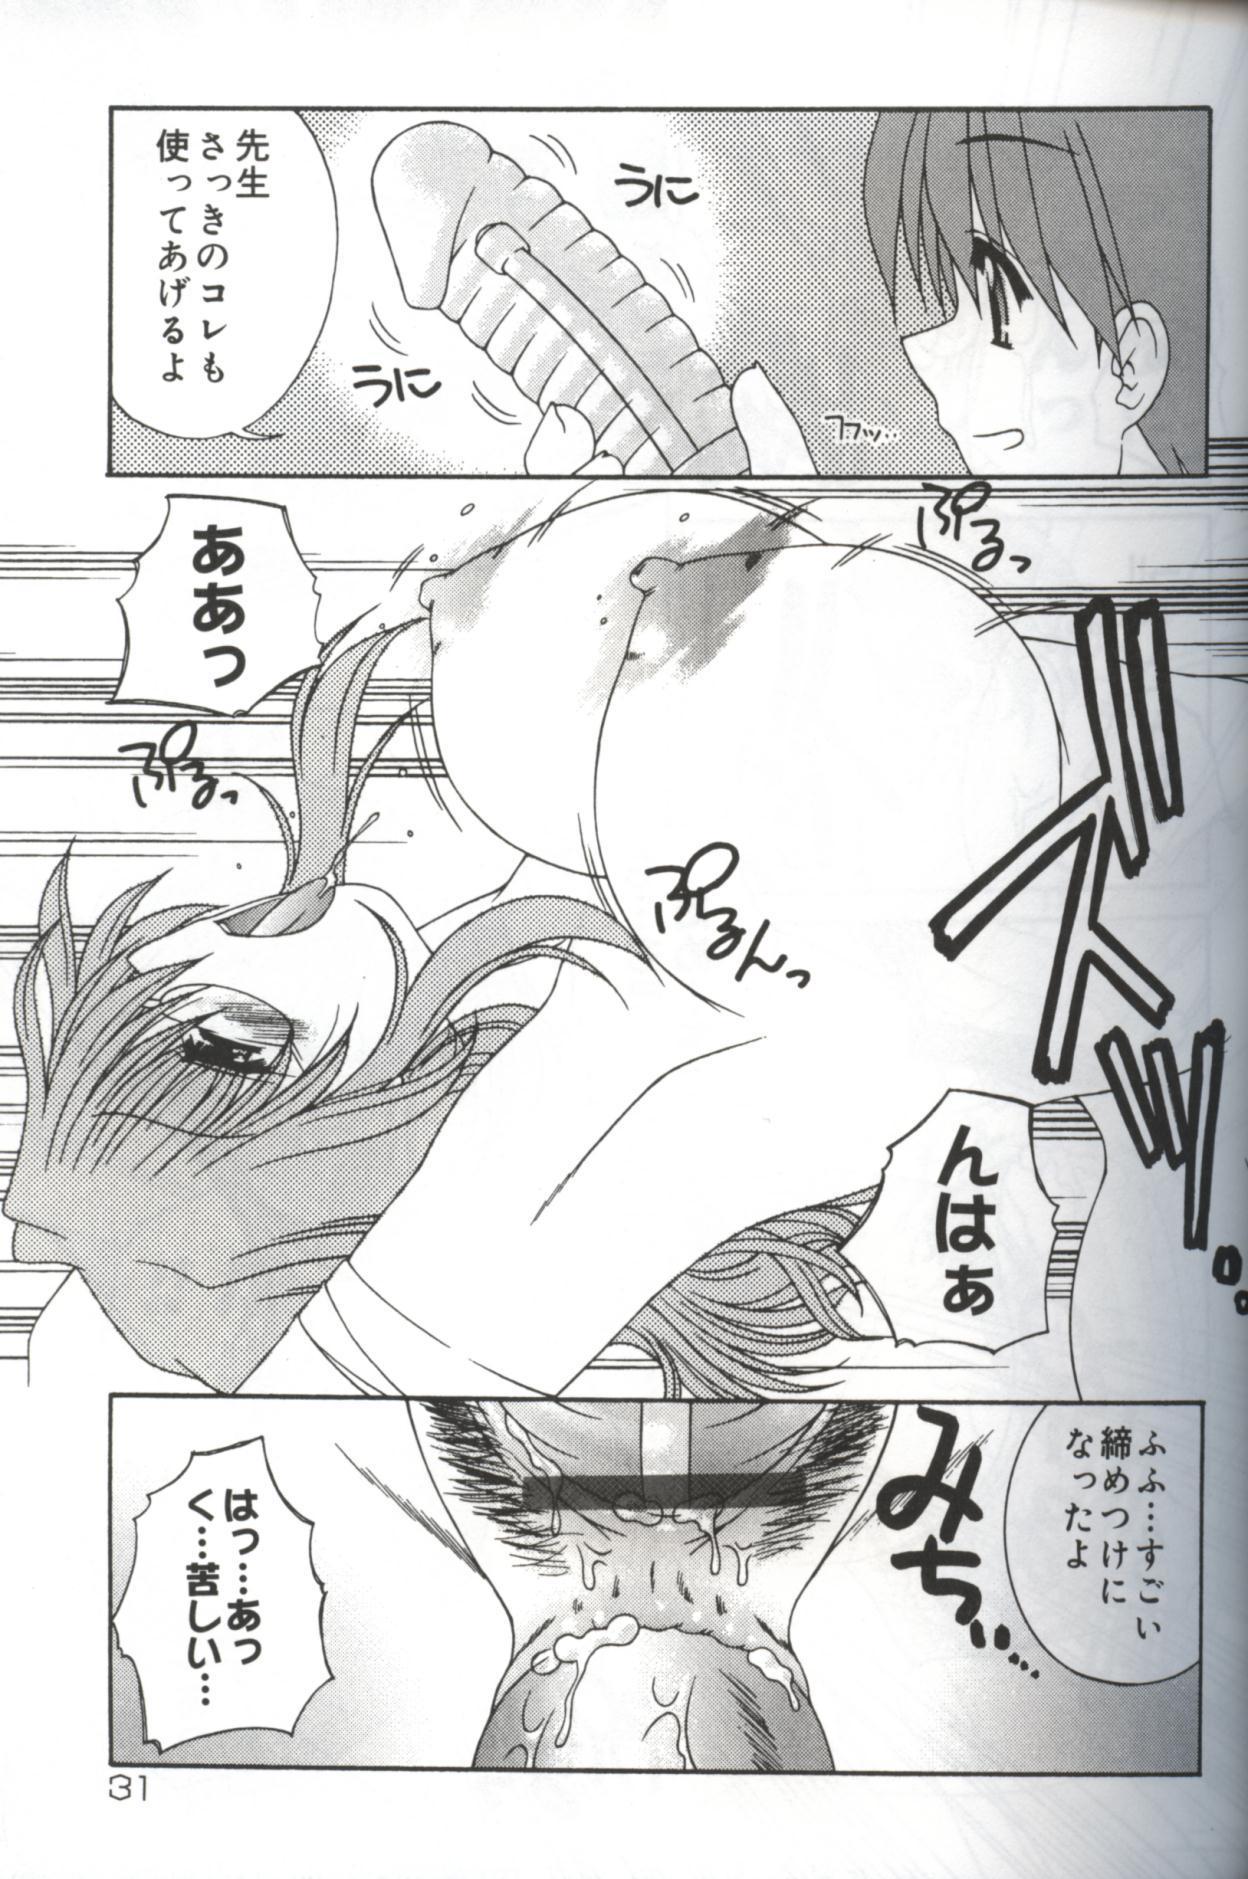 Hatsujou ♡ Oneesama 32